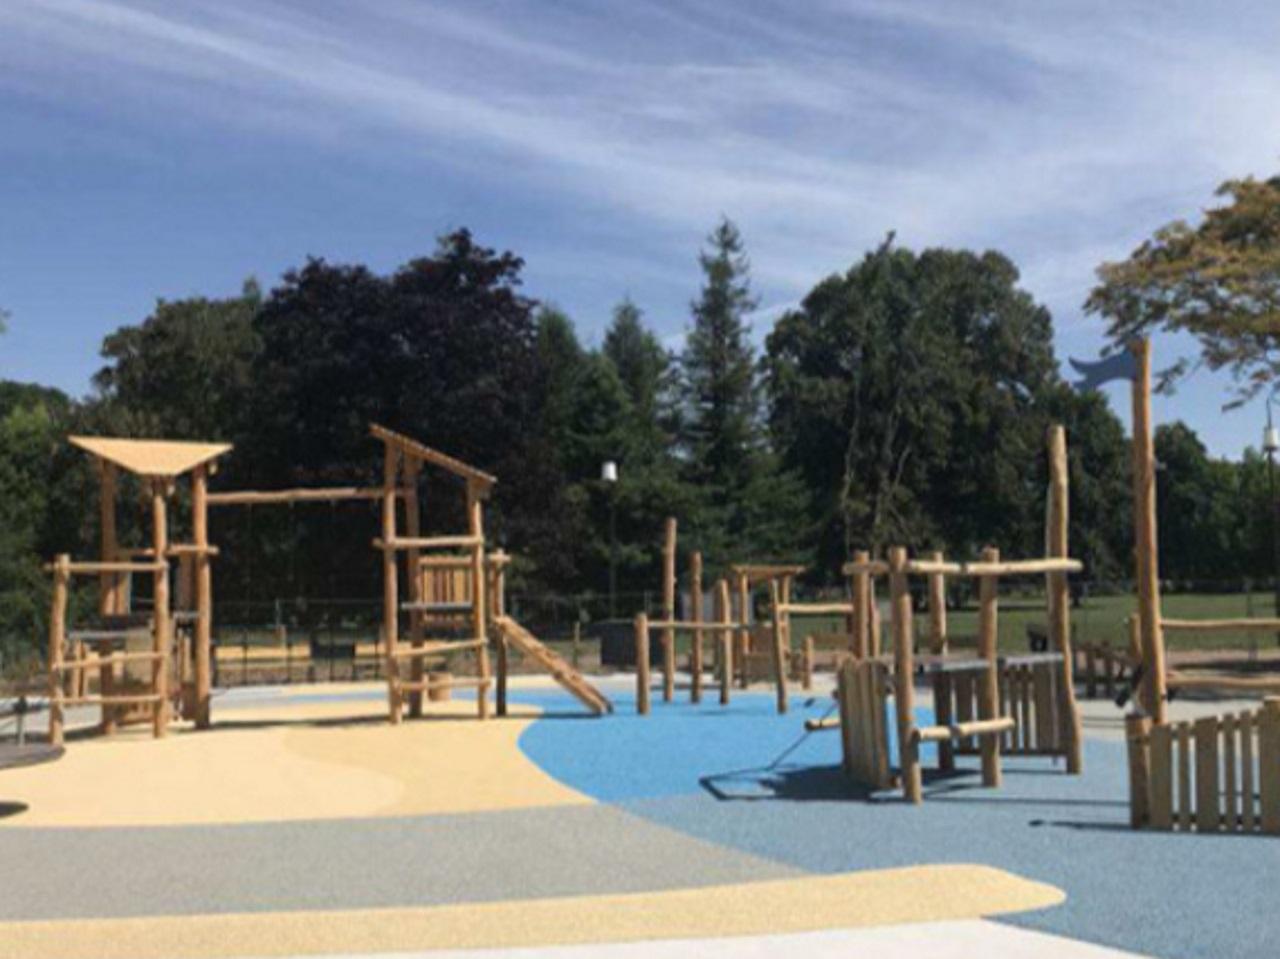 deux nouvelles aires de jeux au parc de la t te d or. Black Bedroom Furniture Sets. Home Design Ideas